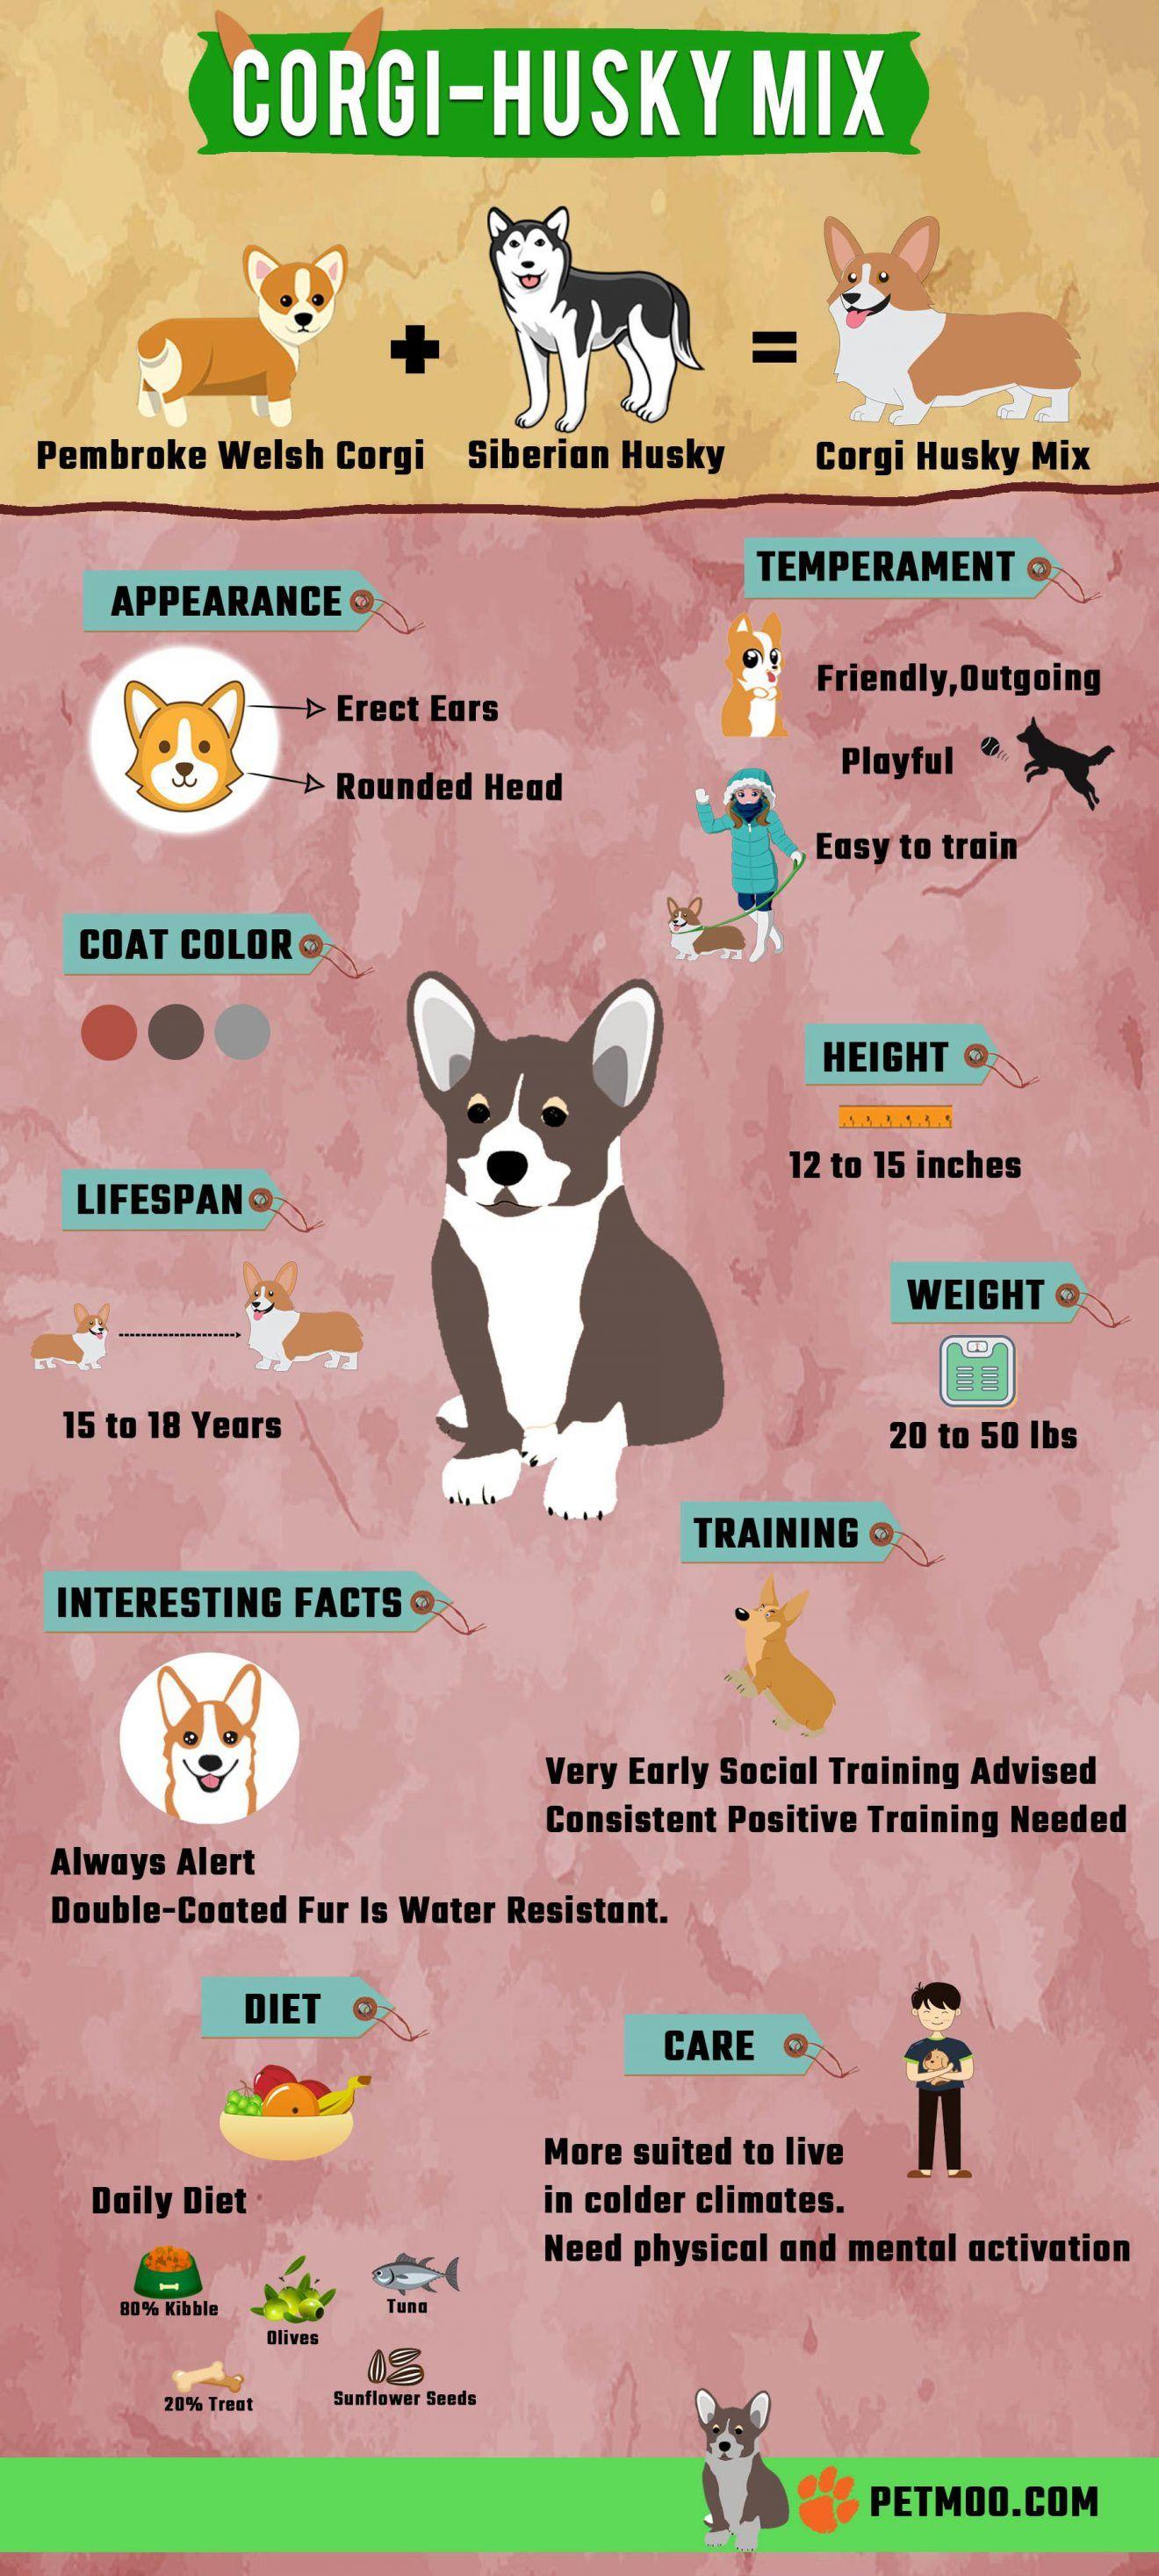 Corgi Husky Mix Complete Horgi Siberian Husky Guide Corgi